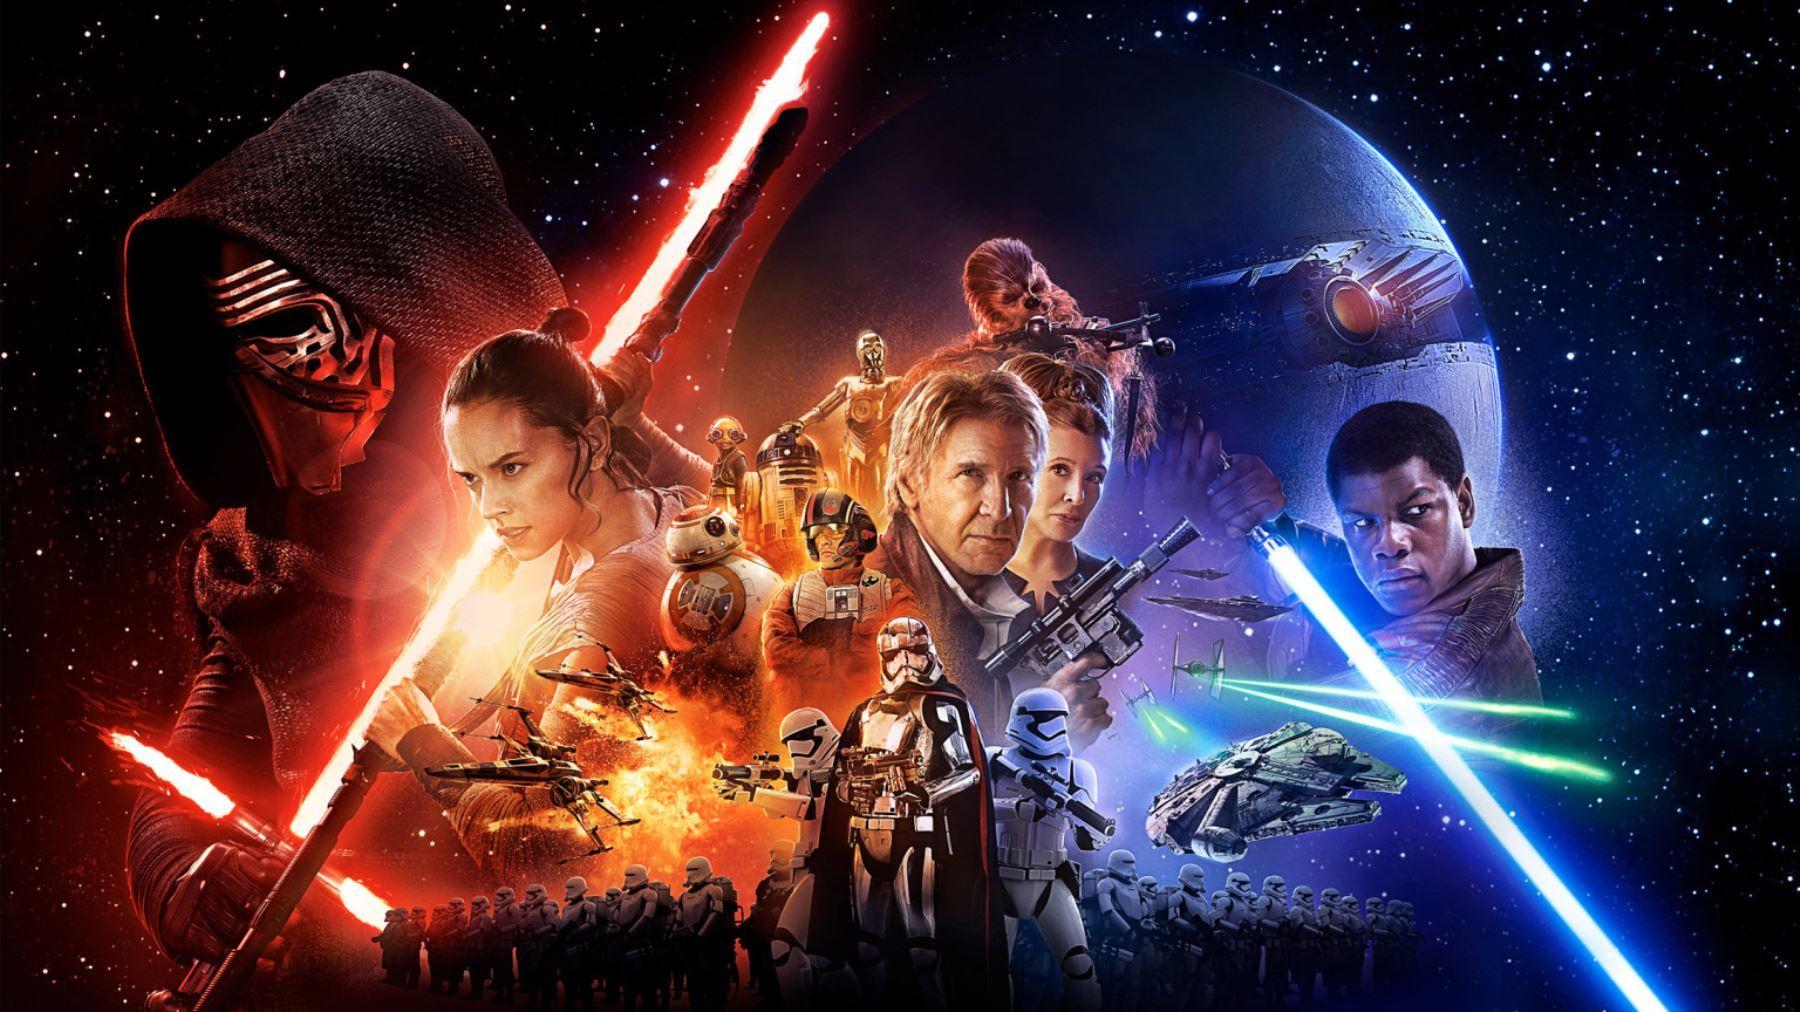 star-wars-episode-vii-critique